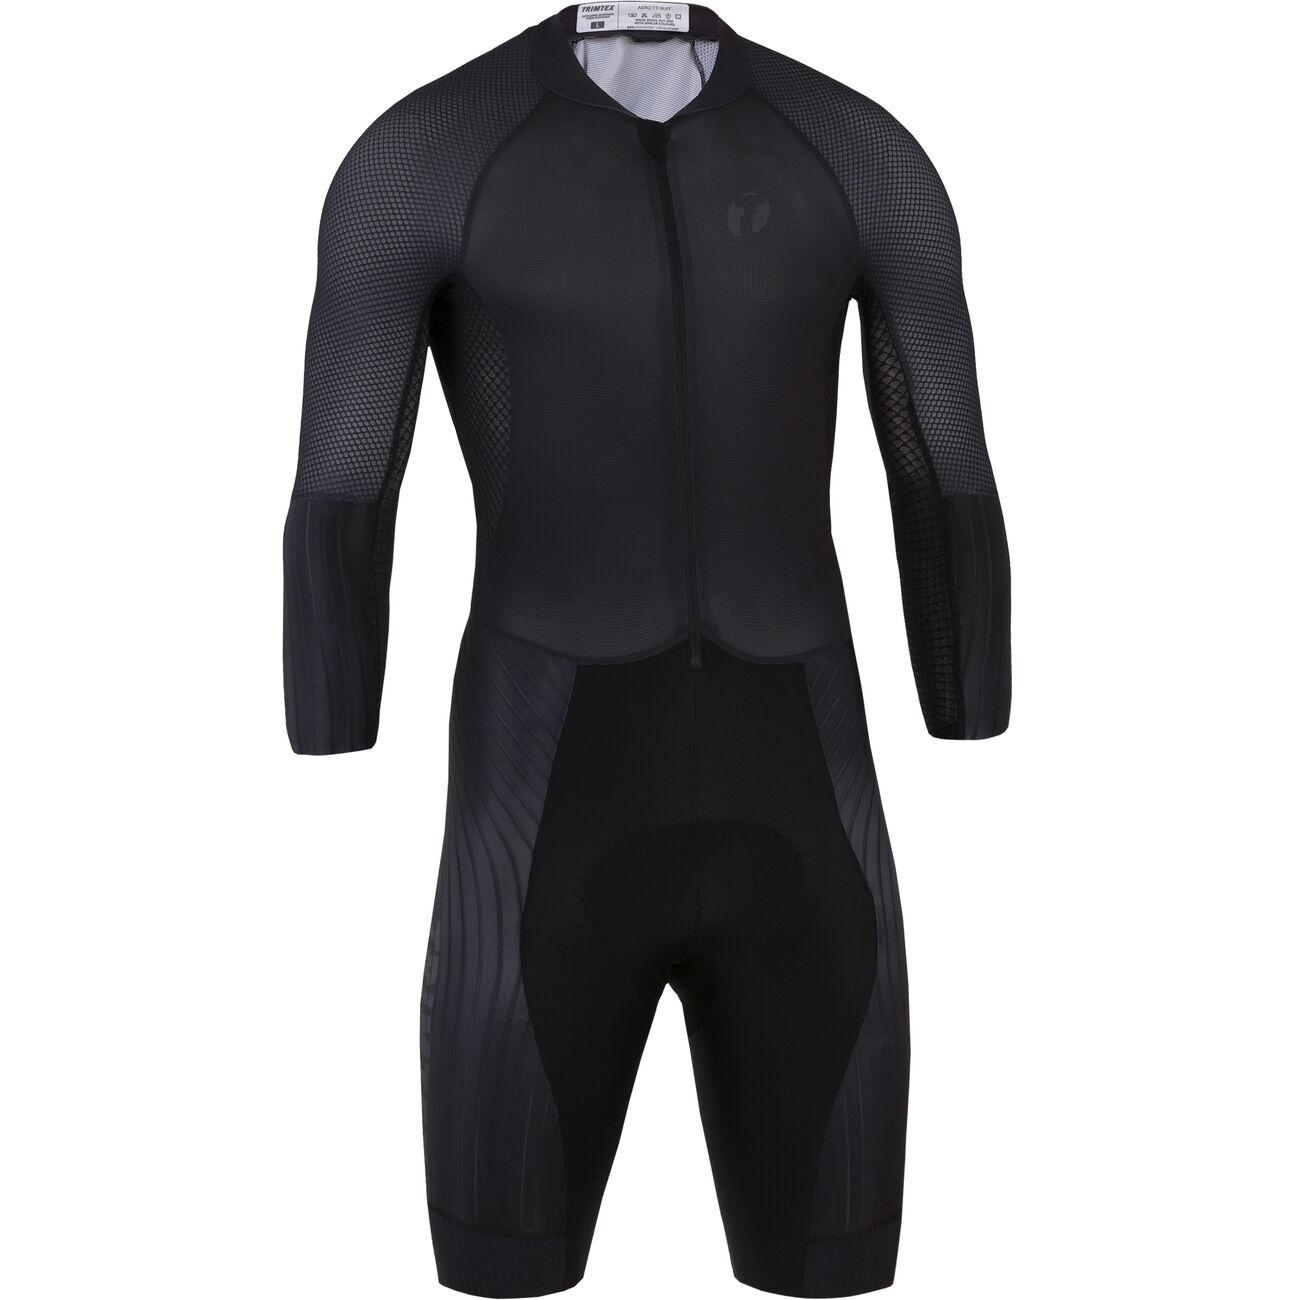 Aero Speedsuit men's